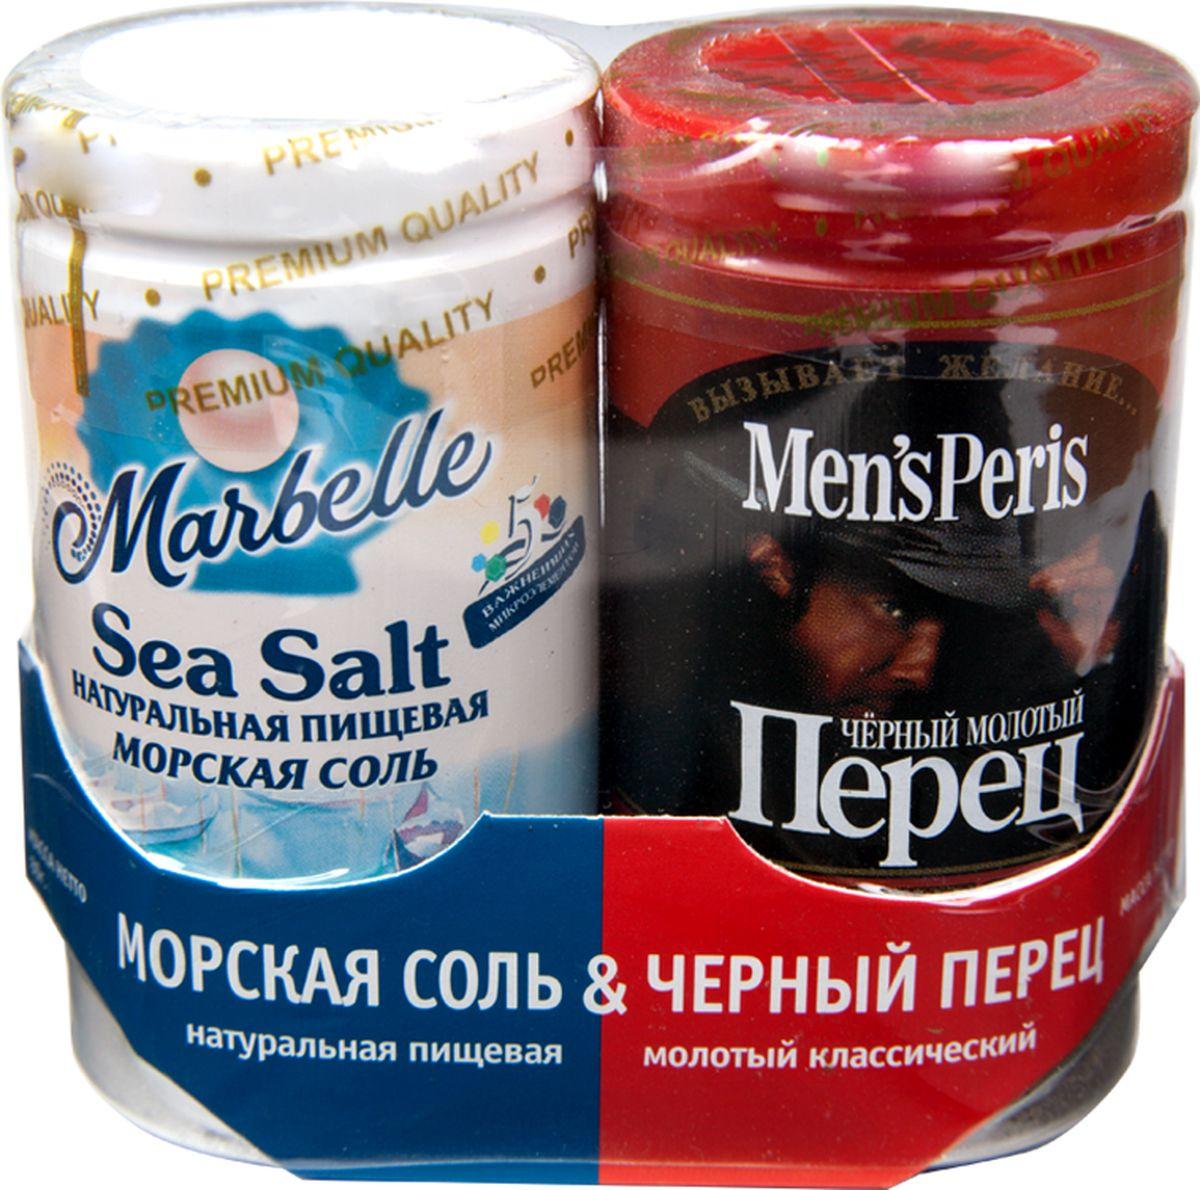 Marbellе набор соль морская и перец черный, 115 г